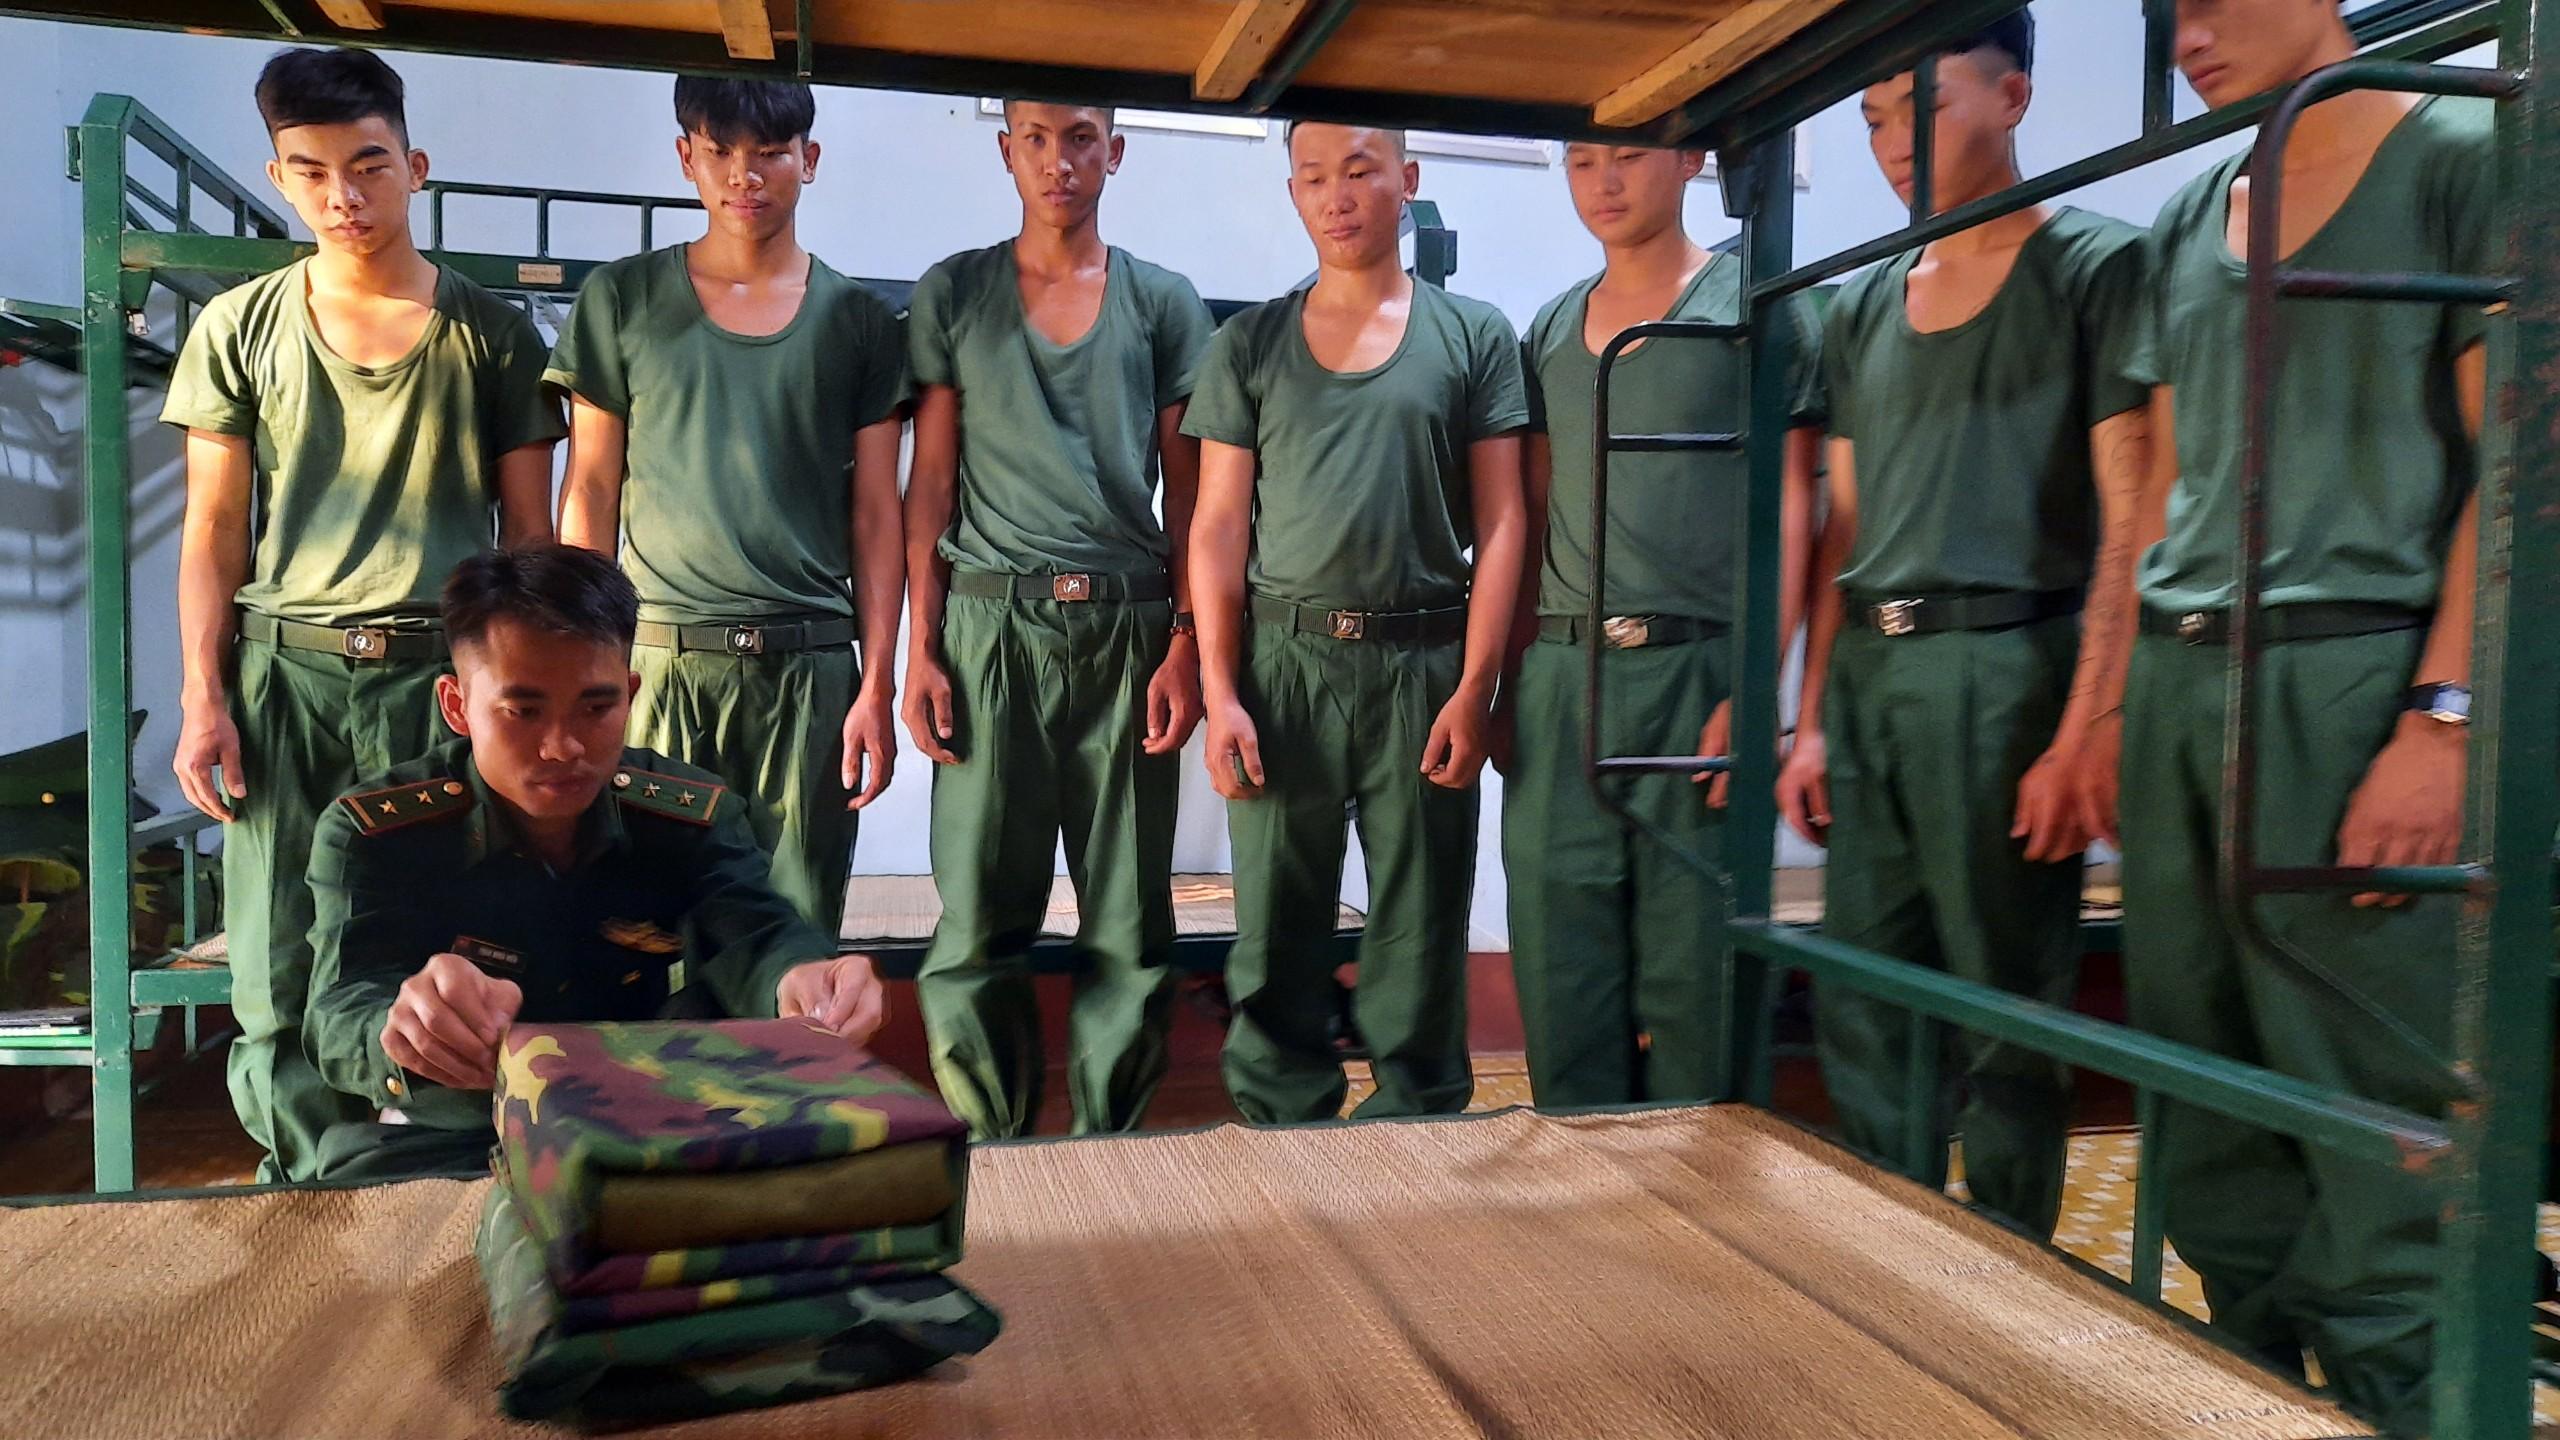 Tiểu đoàn Huấn luyện – Cơ động tiếp nhận và huấn luyện chiến sĩ mới.